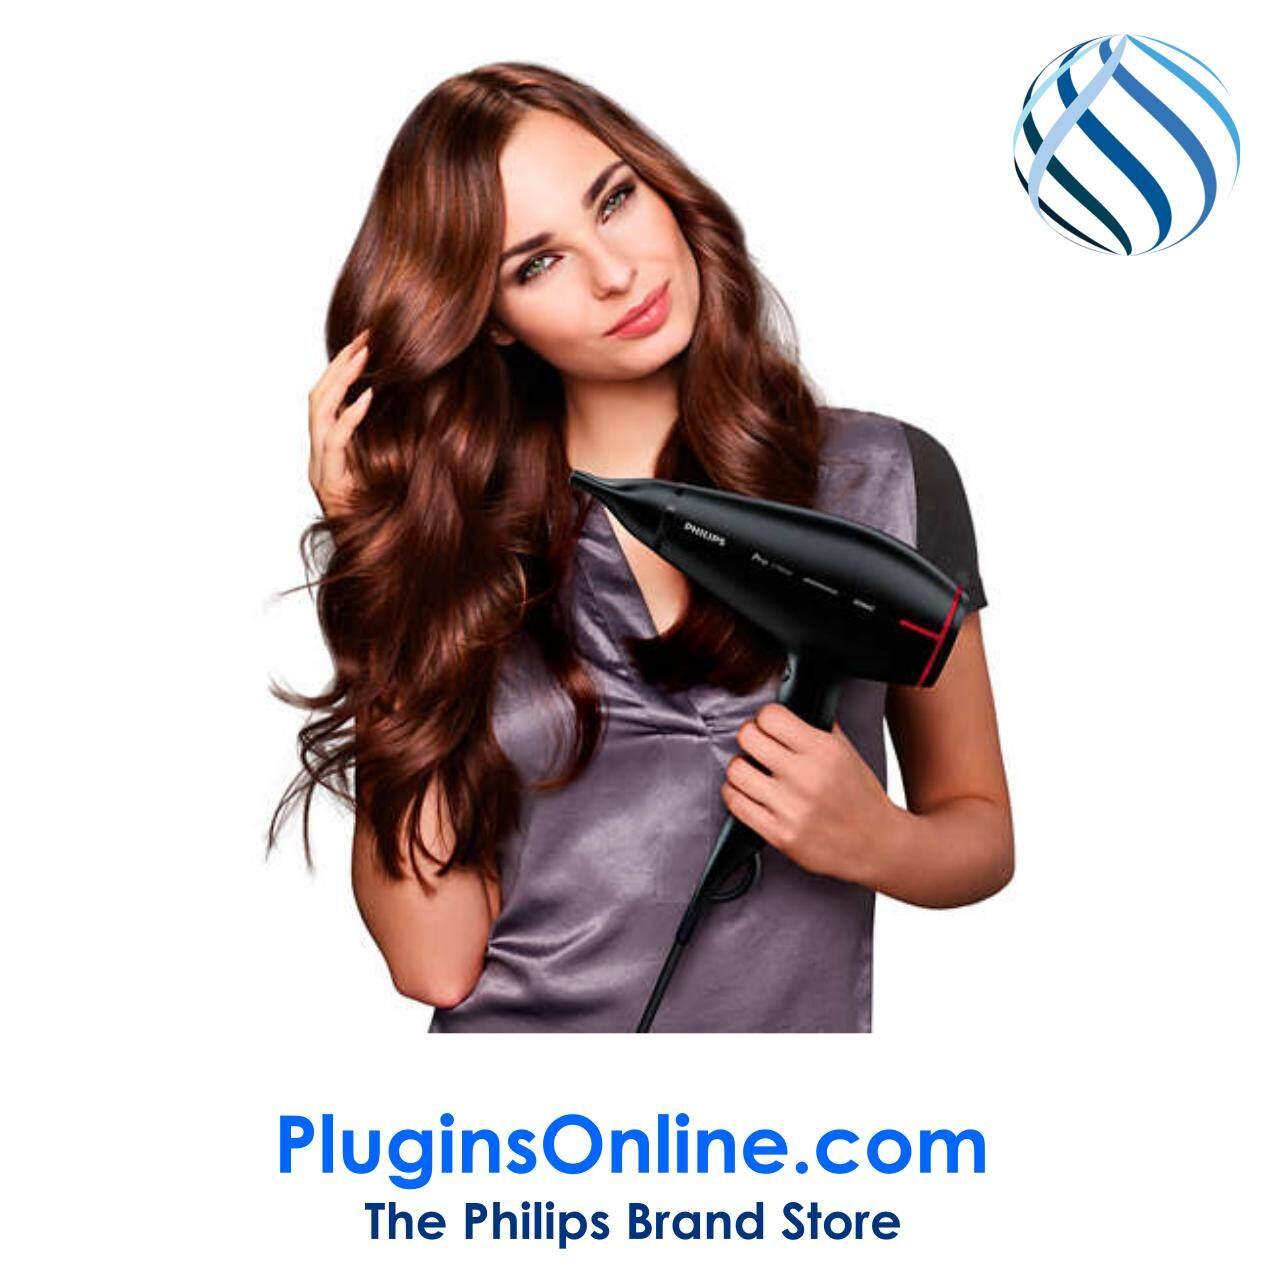 Philips HPS910/03 Pro Hair Dryer 2100W (HPS910)